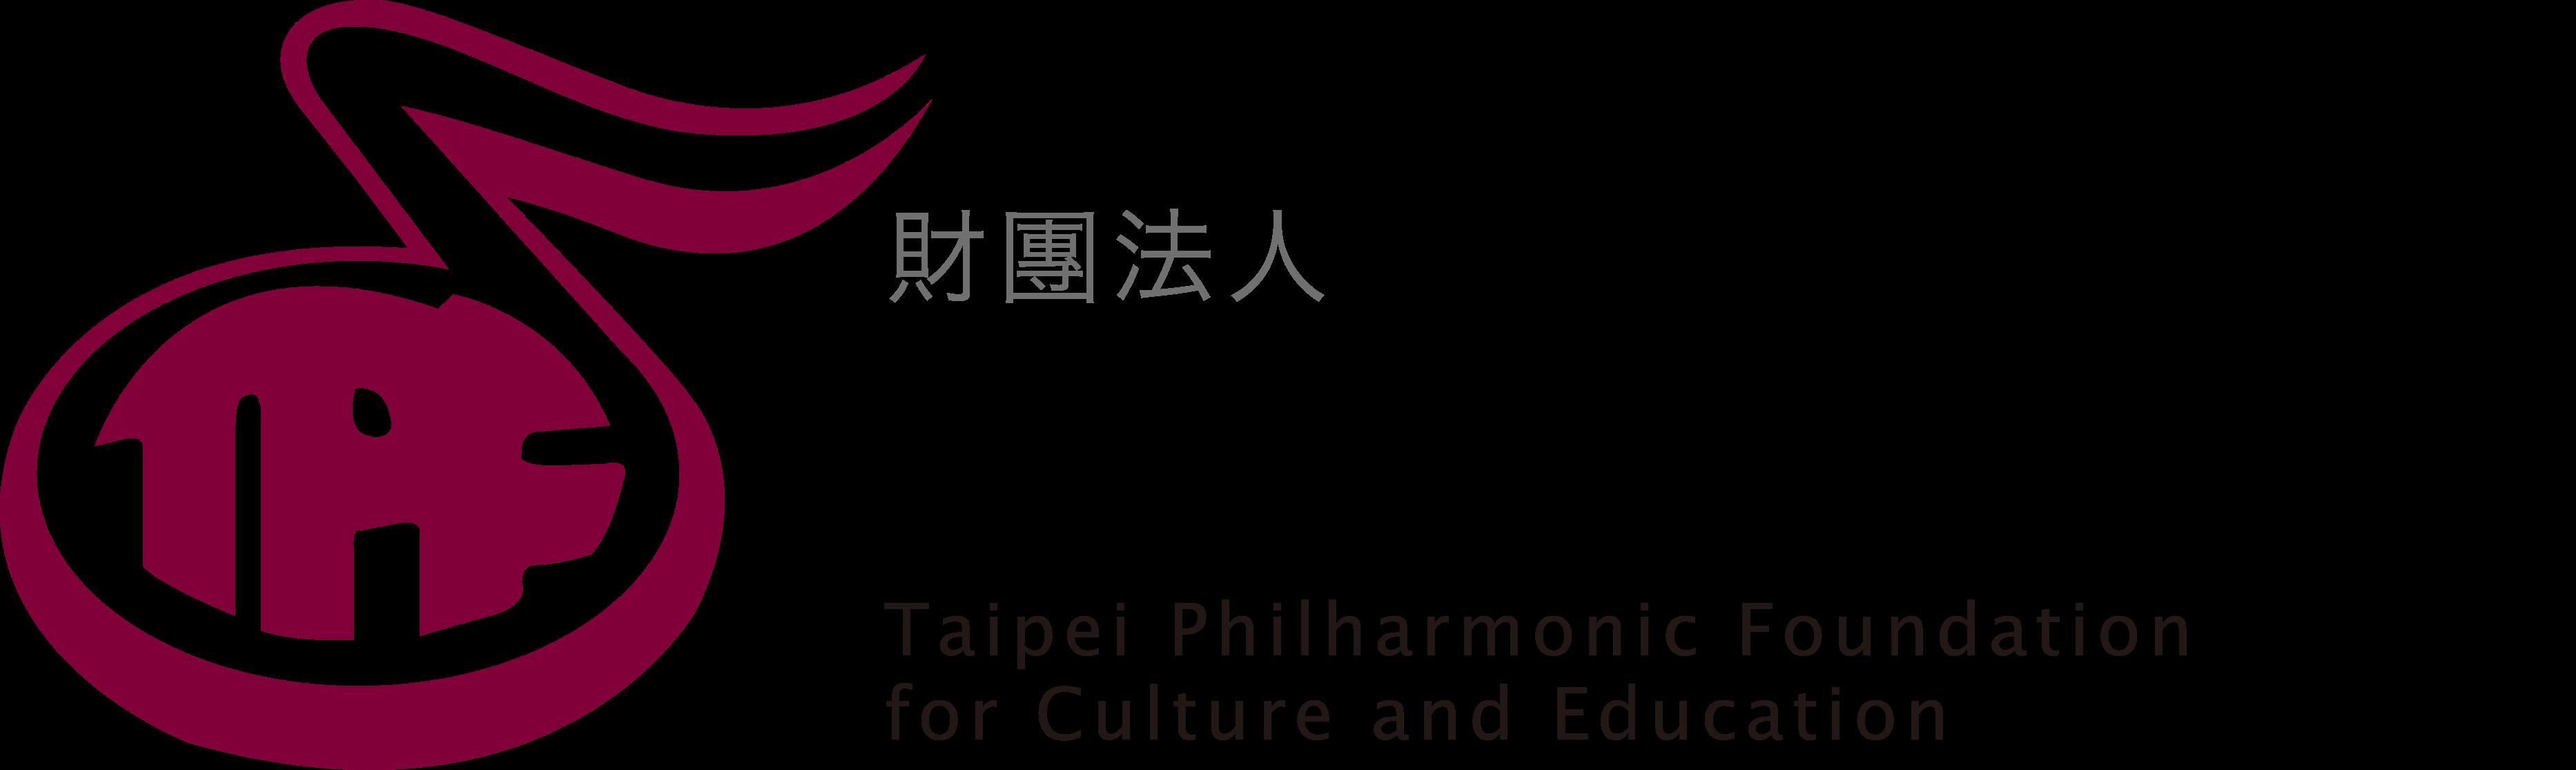 財團法人台北愛樂文教基金會